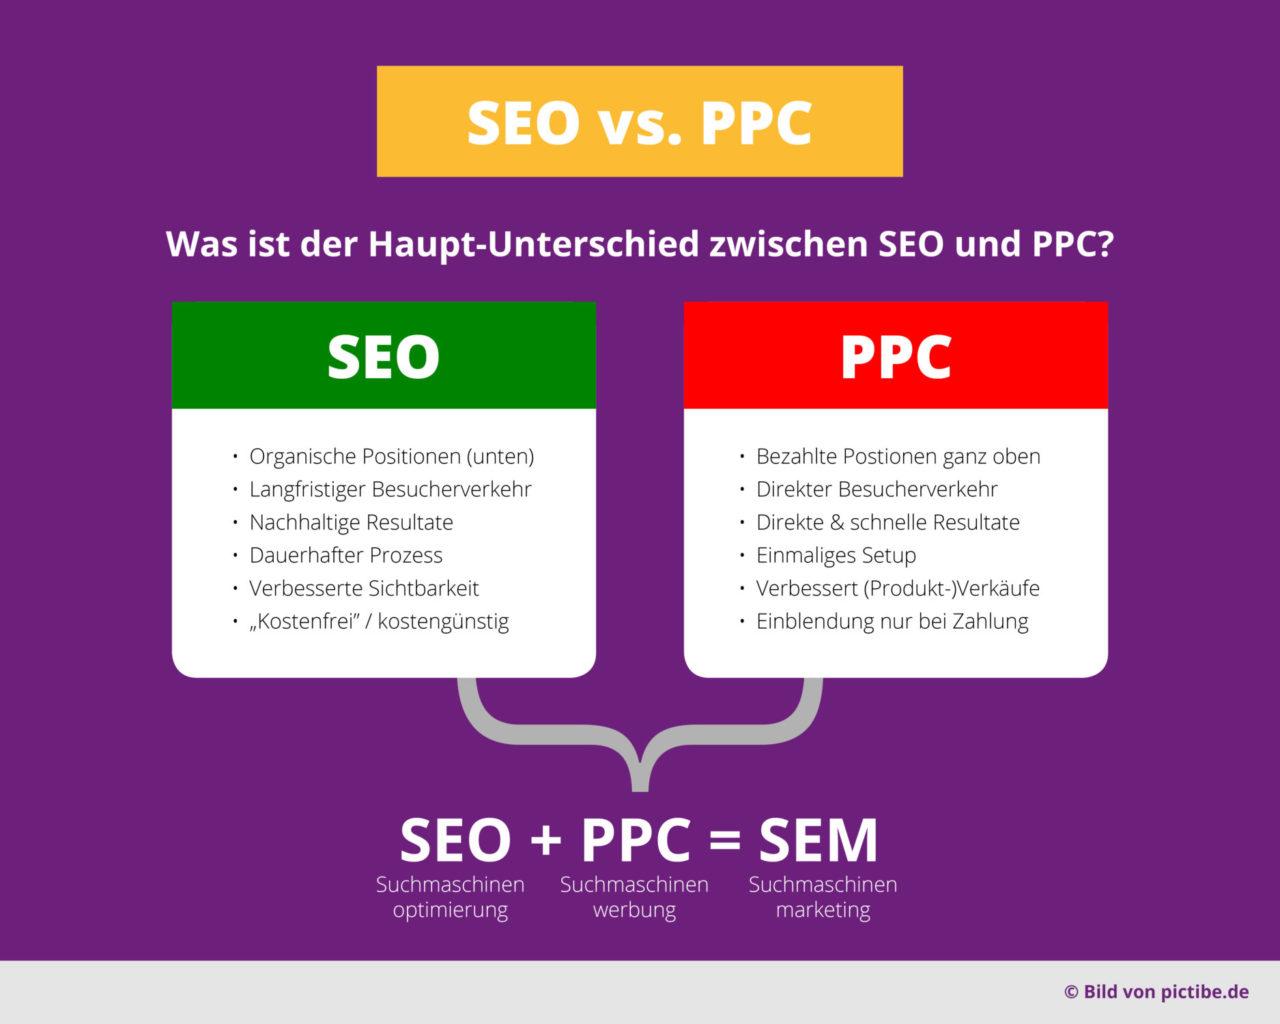 Seo Vs Ppc Suchmaschinenoptimierung Suchmaschinenwerbung Suchmaschinenmarketing Vorteile Nachteile Infografik